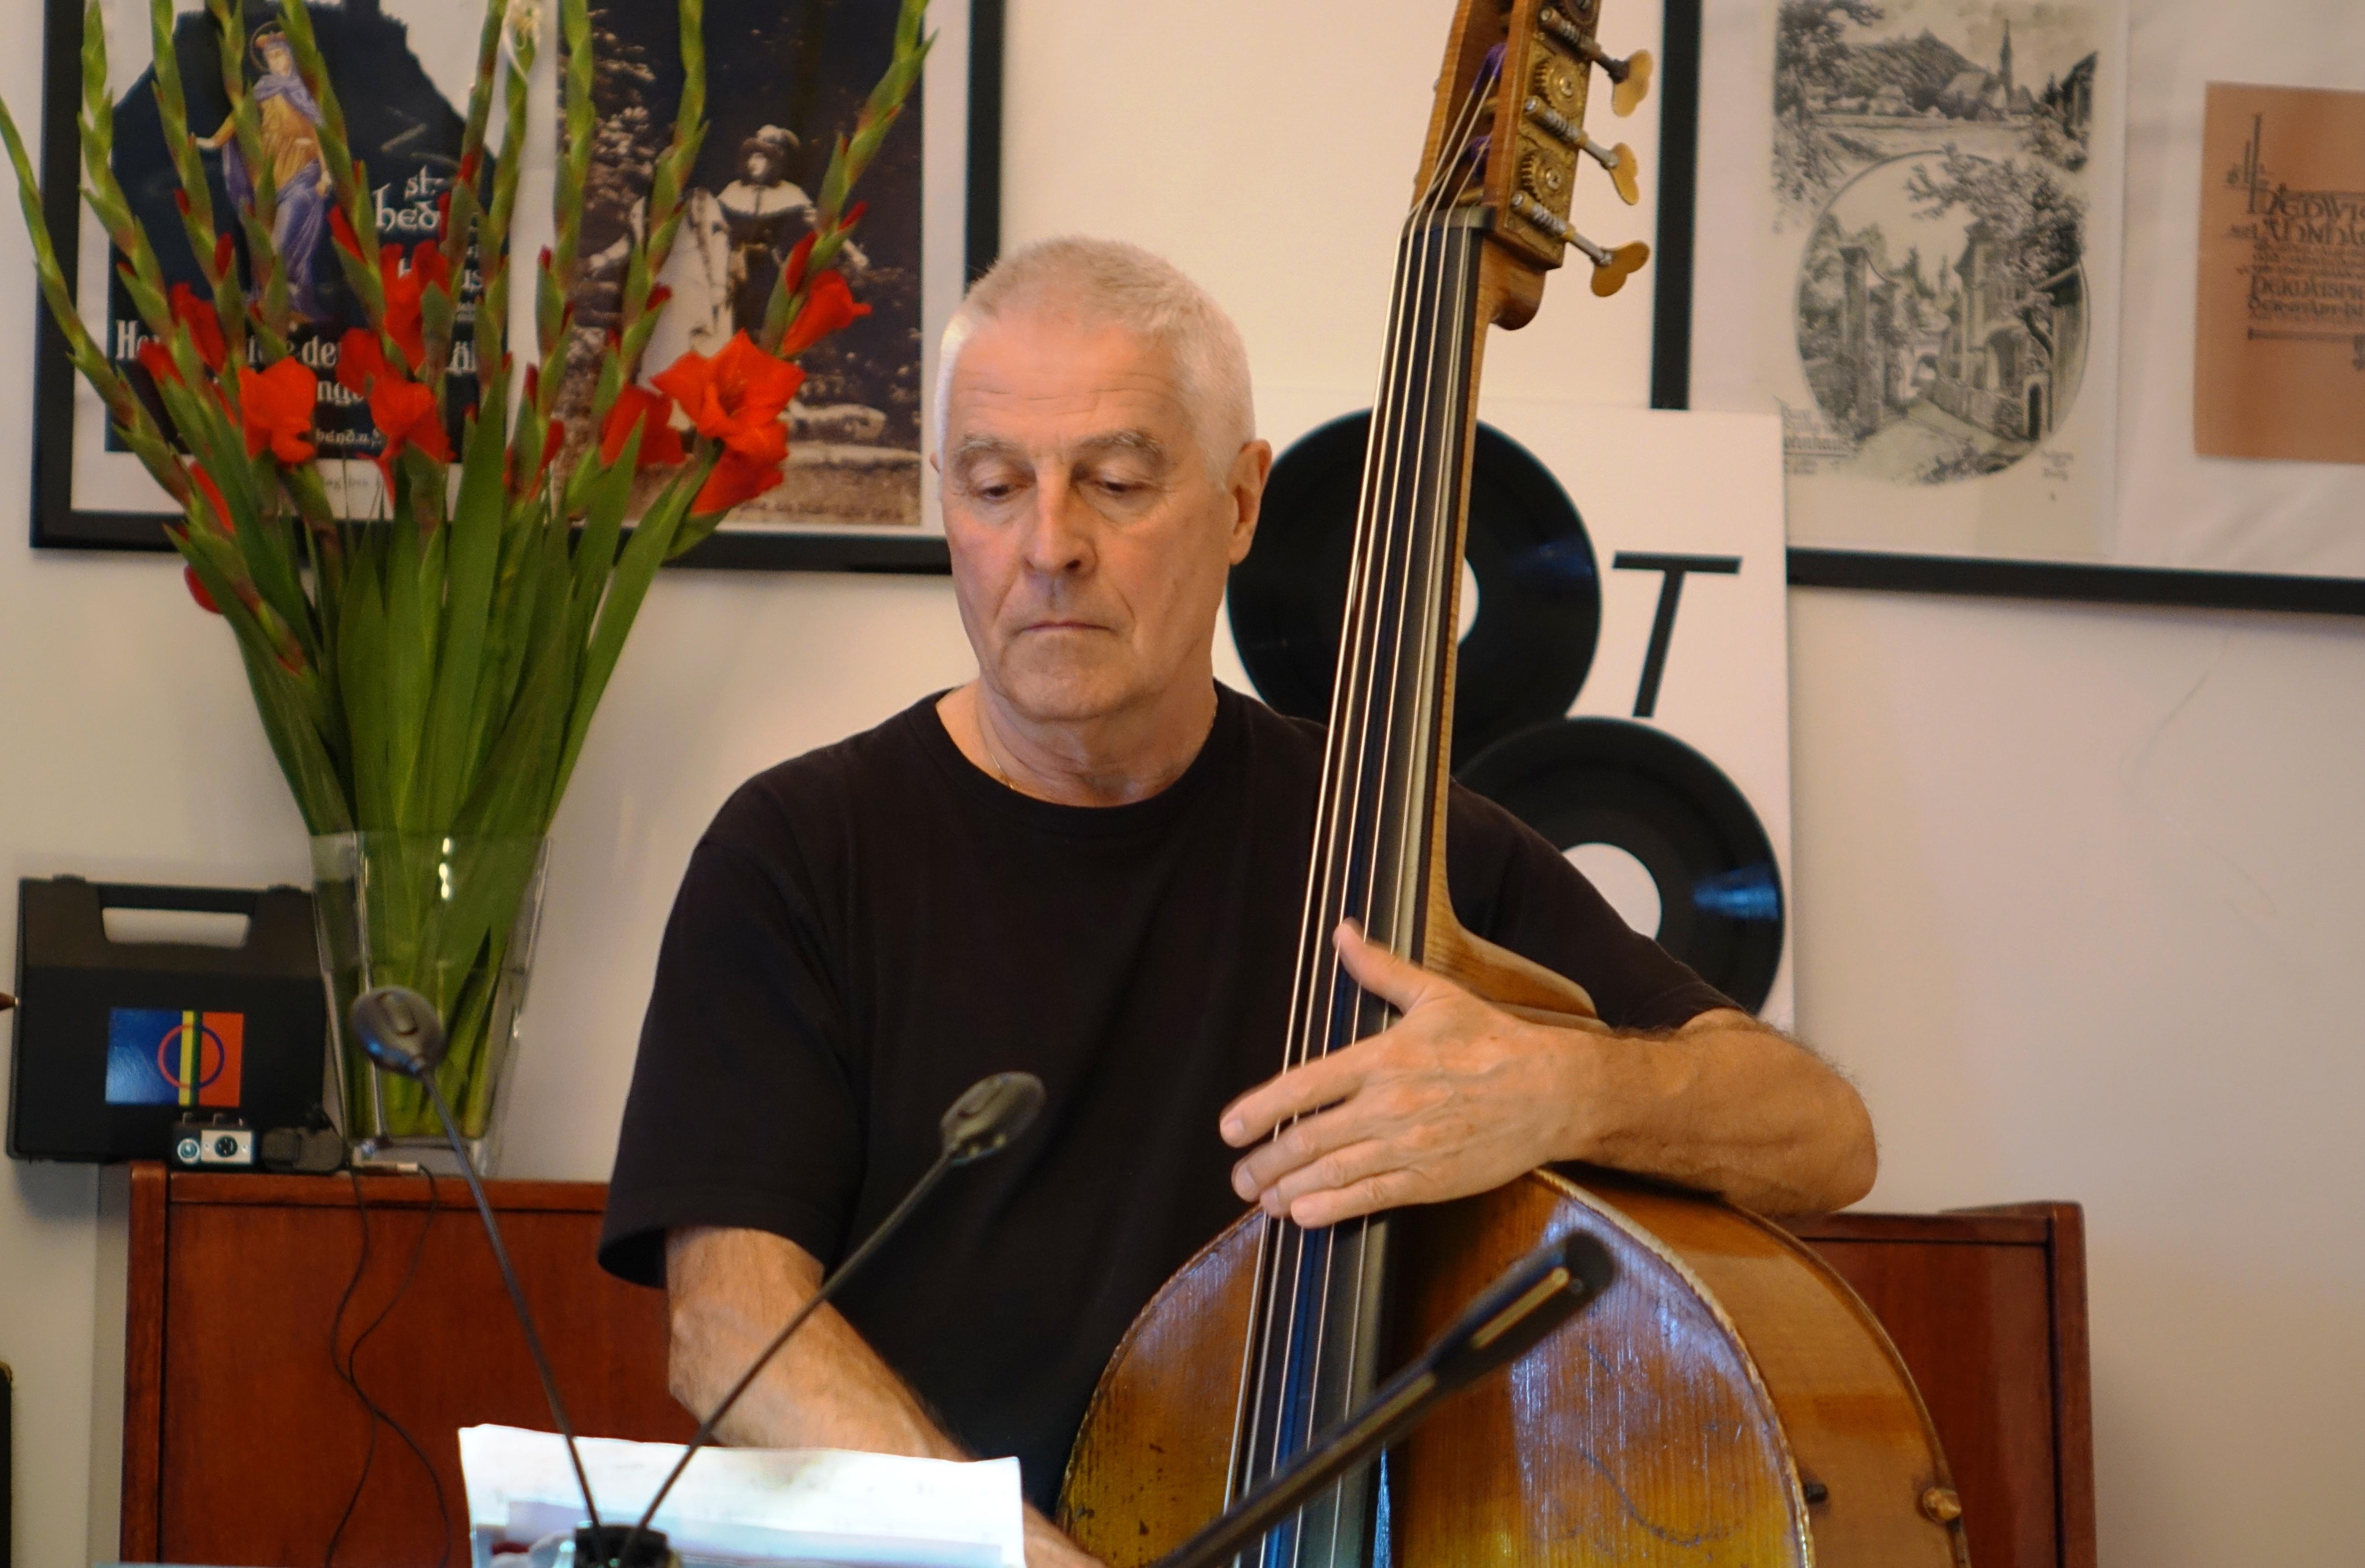 Barry Guy in Wlen, Poland in September 2018